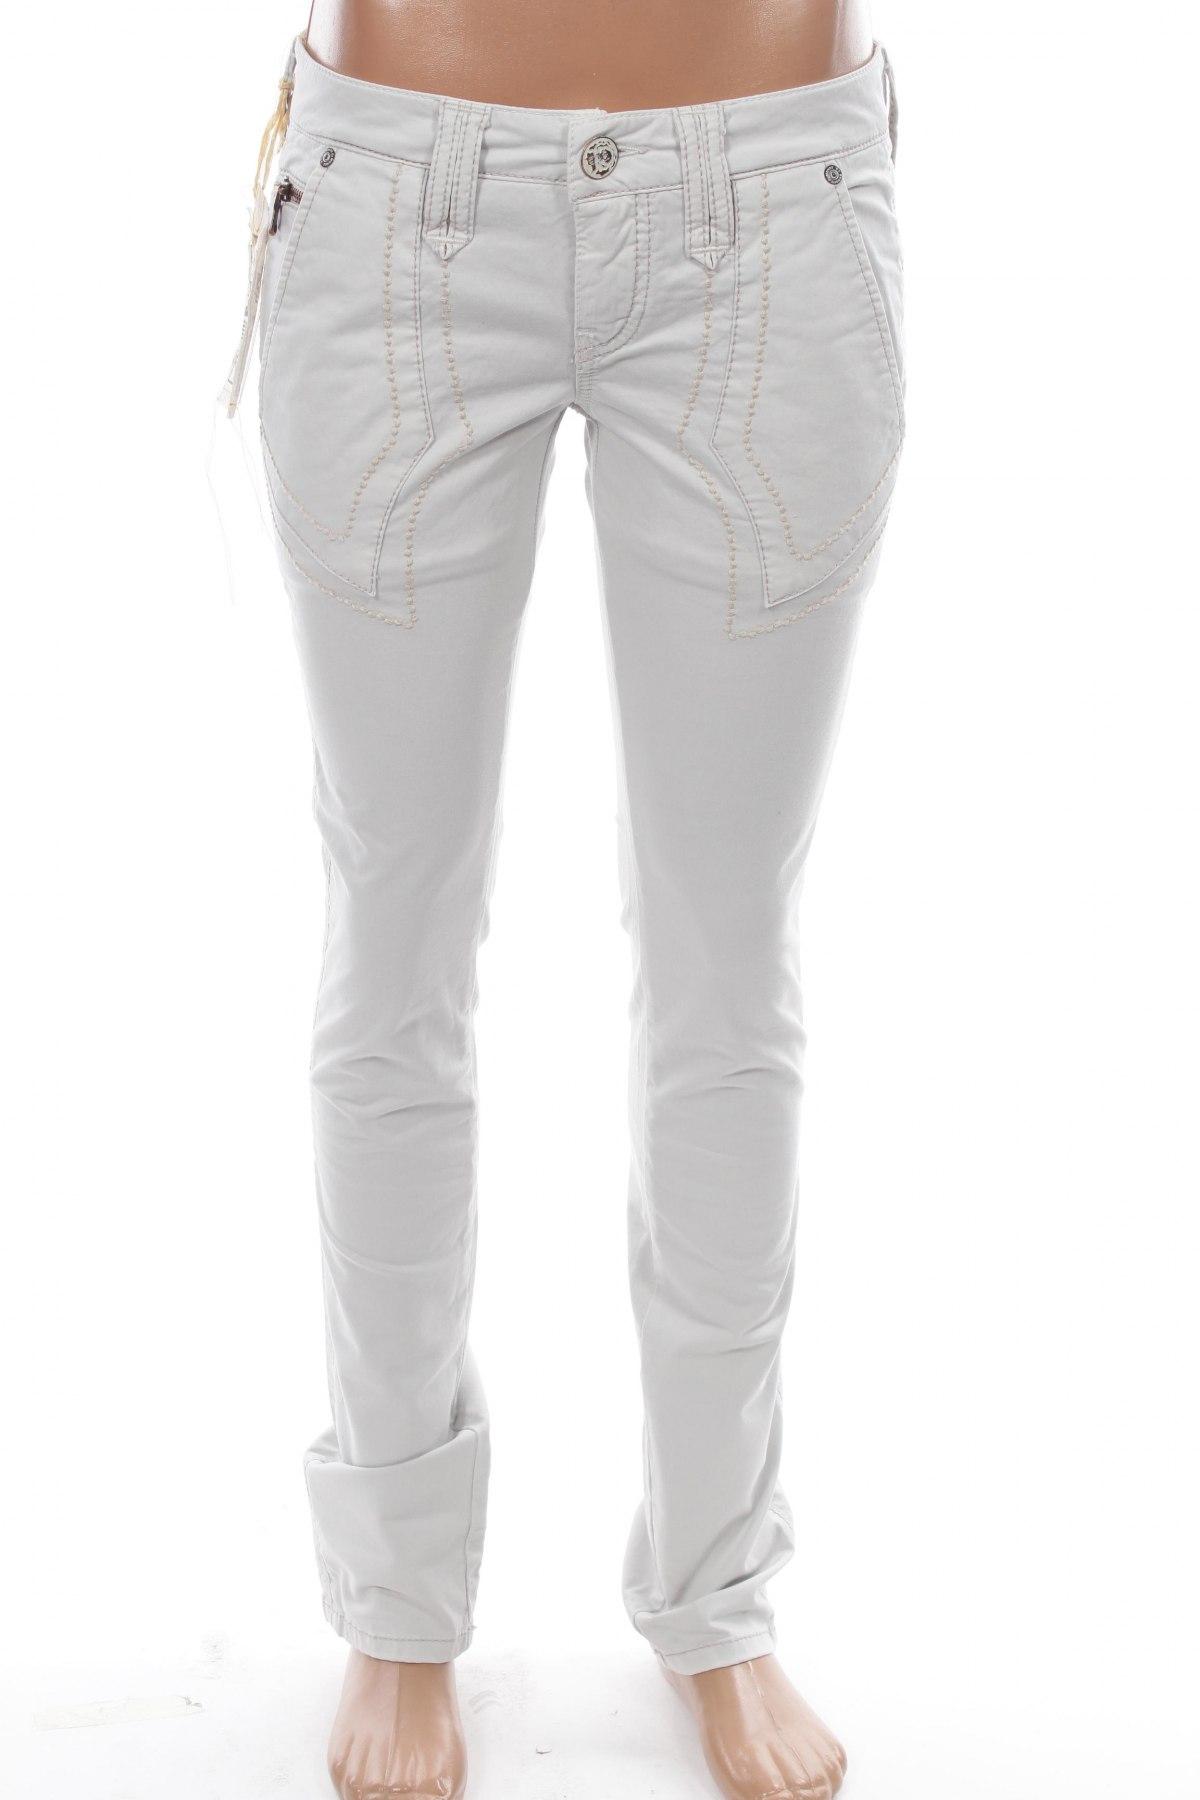 Дамски панталон Bandits Du Monde, Размер S, Цвят Сив, 97% памук, 3% еластан, Цена 19,20лв.